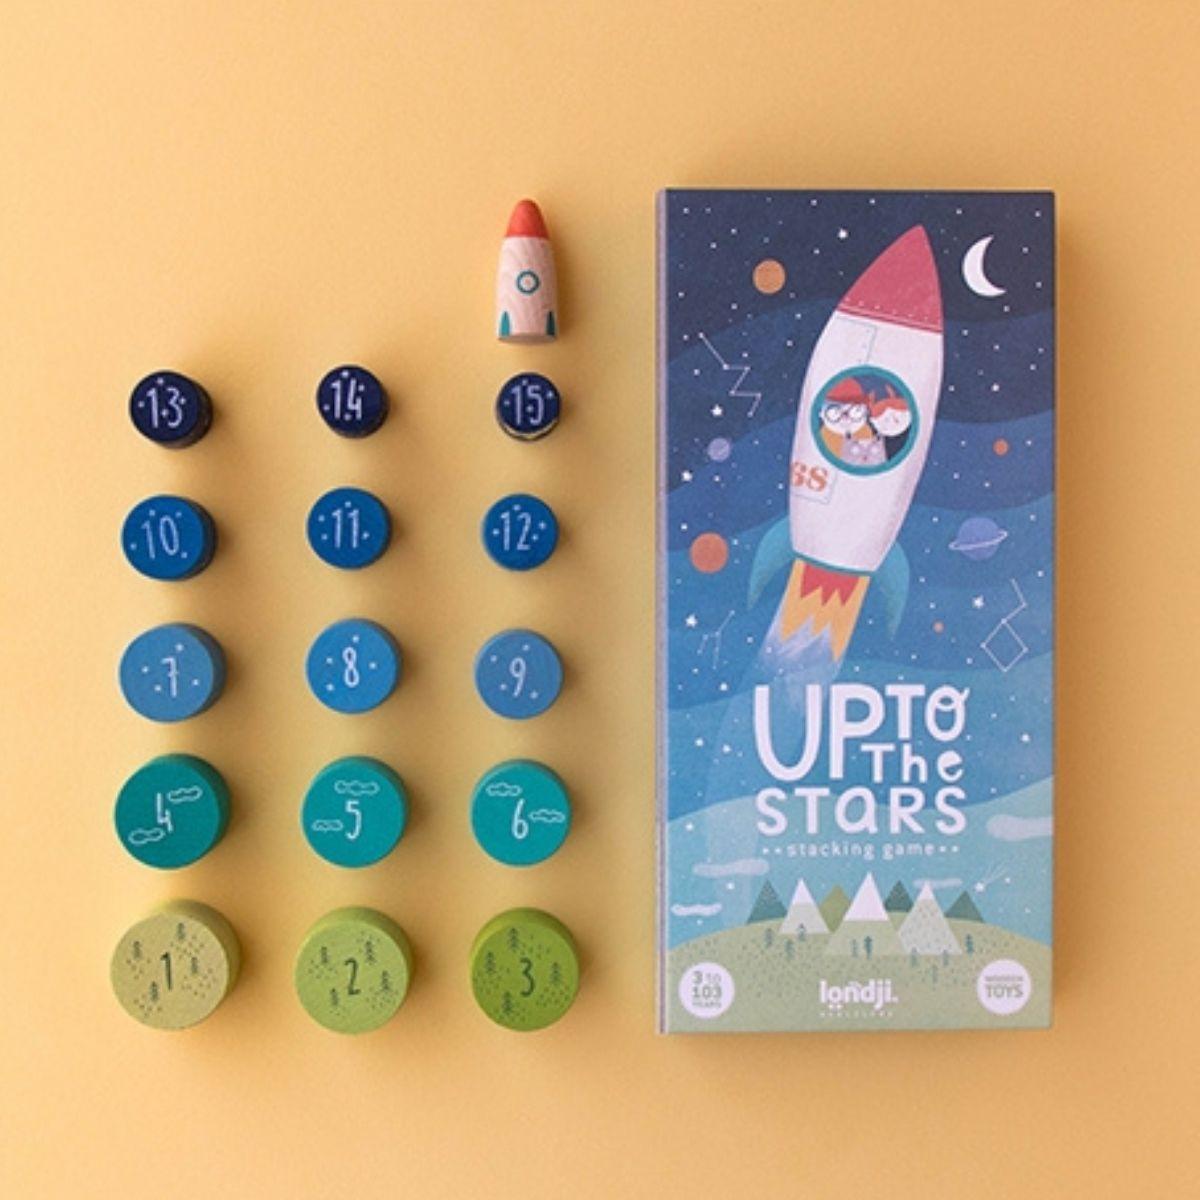 Holzspielzeug, Up to the Stars, ab 3 Jahren, von Londji